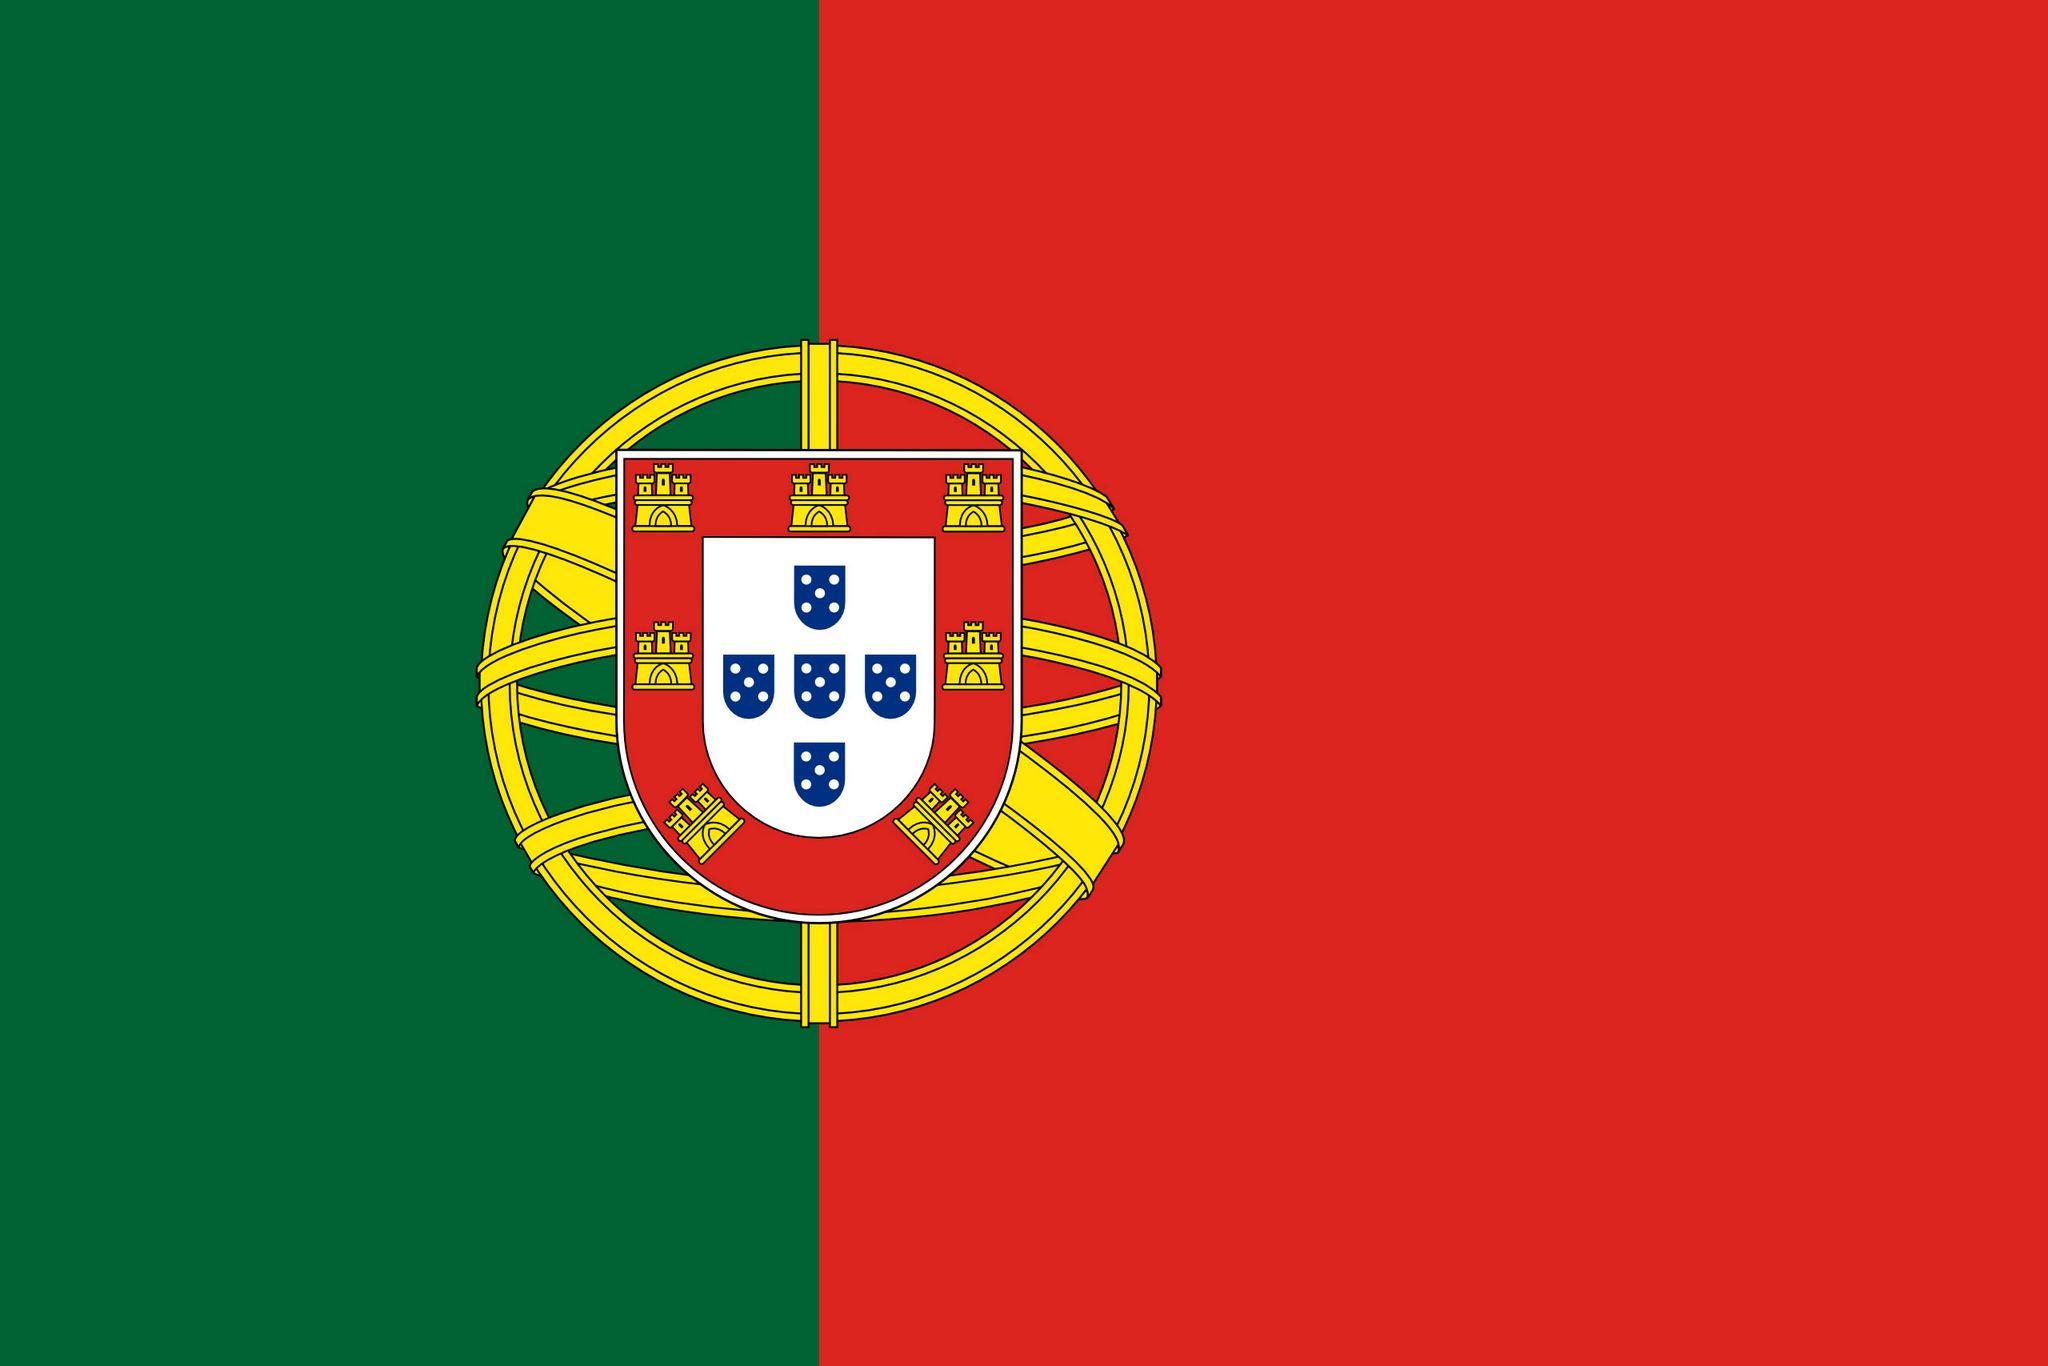 Drapeau du portugal drapeaux du pays portugal - Coloriage drapeau portugal ...